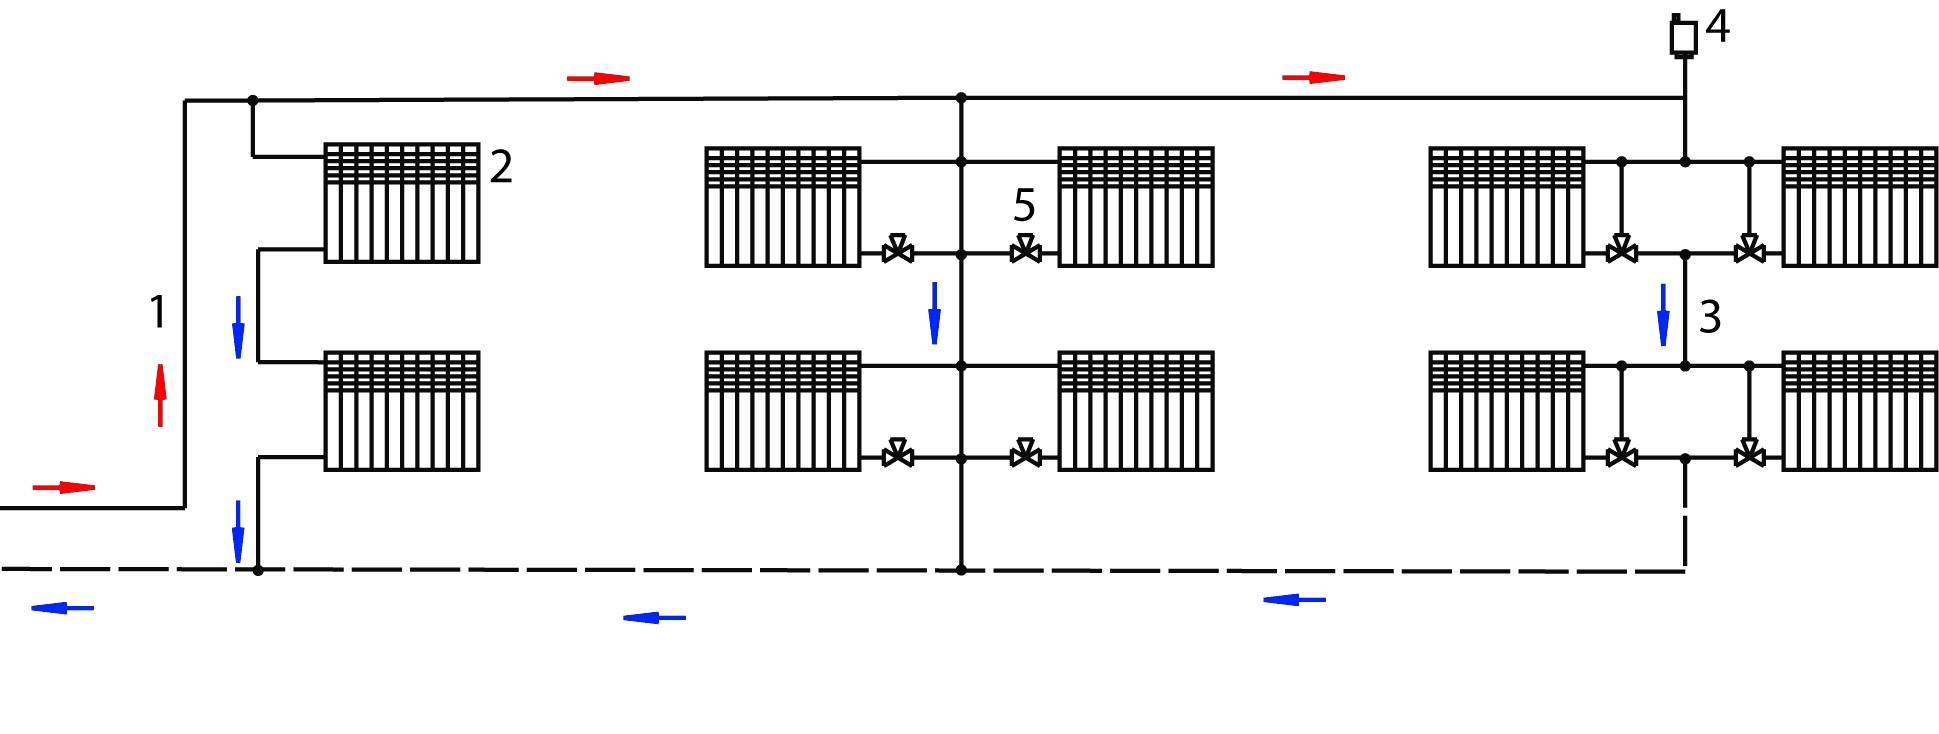 Отопление 2 этажного дома схема с естественной циркуляцией